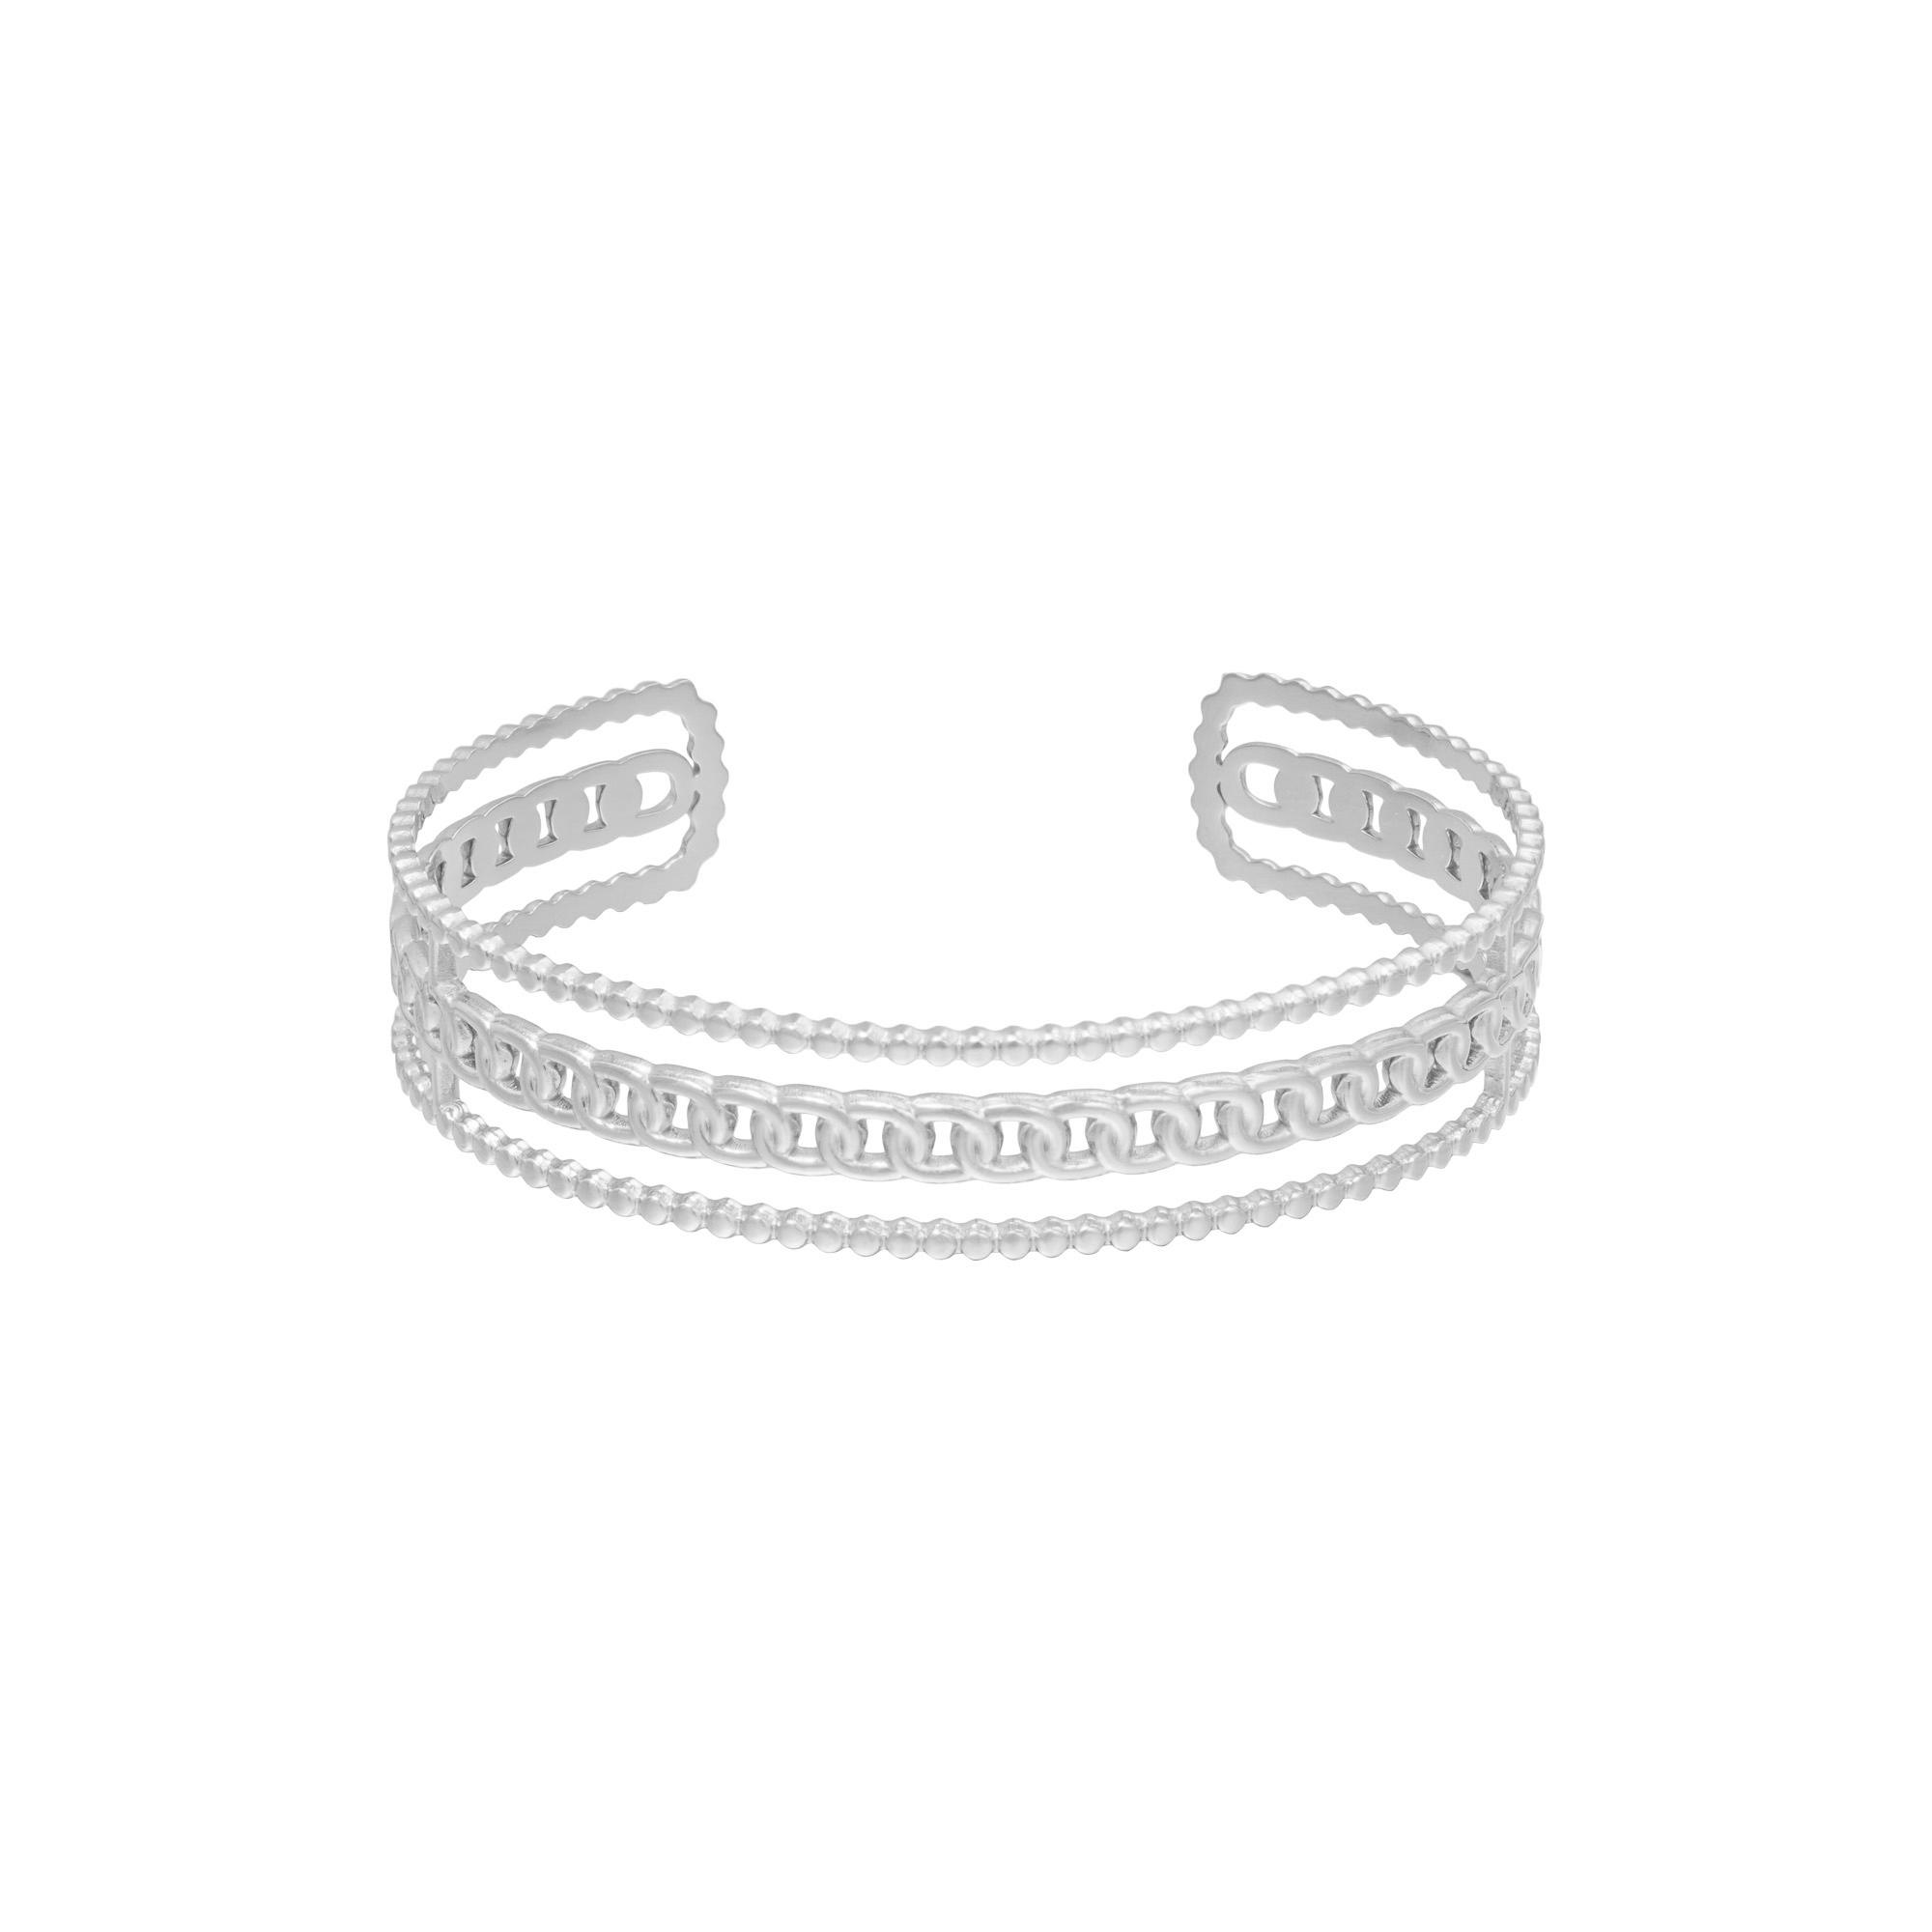 Bracelet Triple Chains